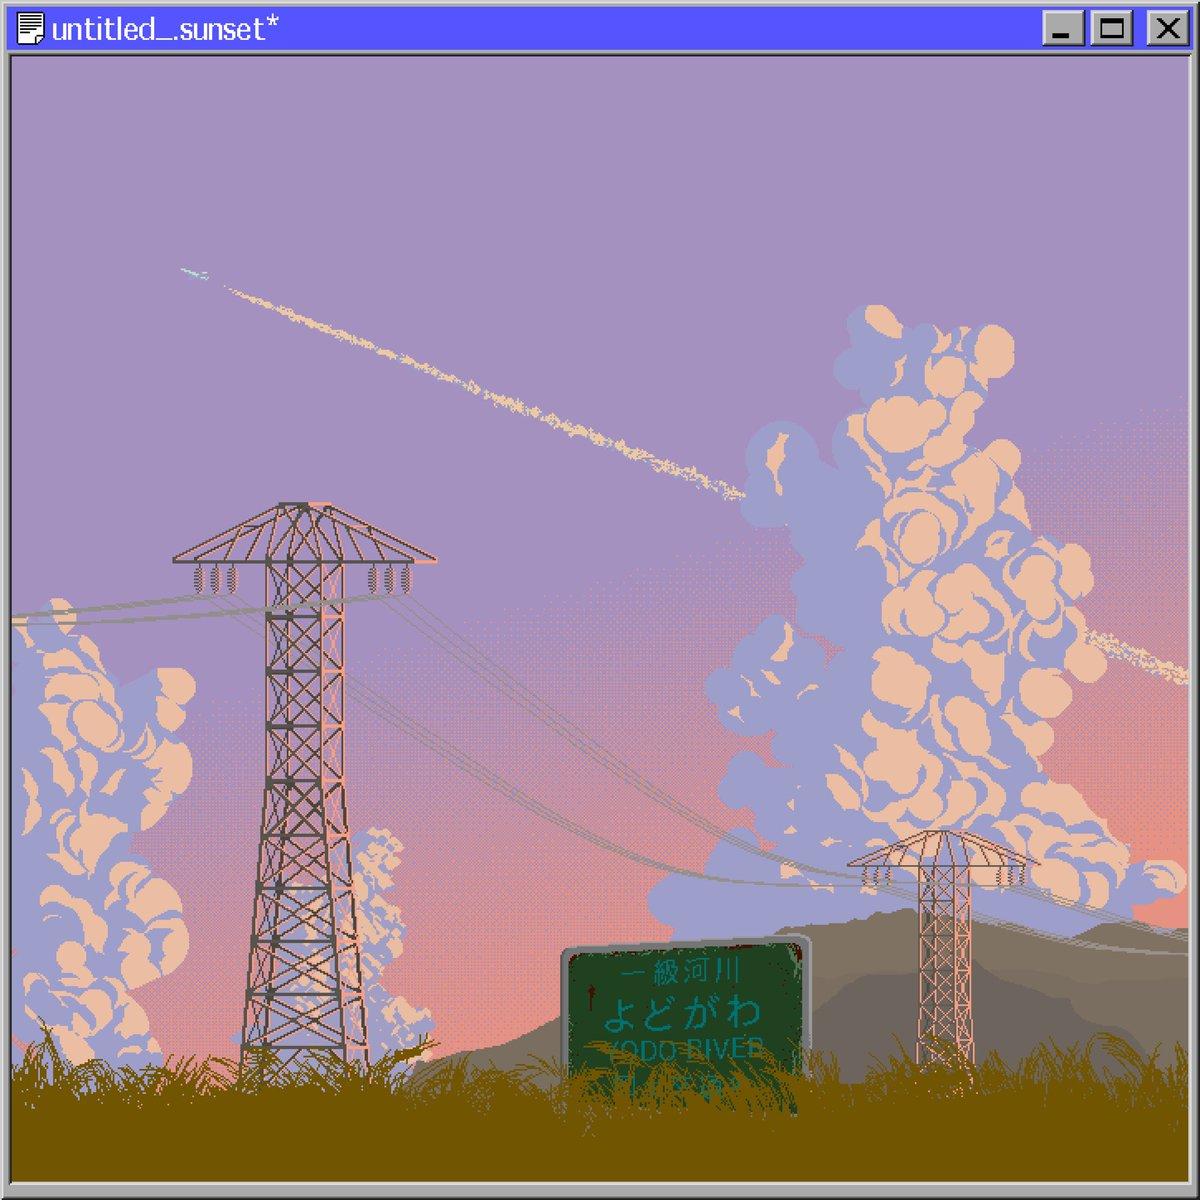 . . #pixelart #pixelartist #ドット絵 #ピクセルアート #aseprite #summer #SummerParadise2020pic.twitter.com/2WpzWWJTMc